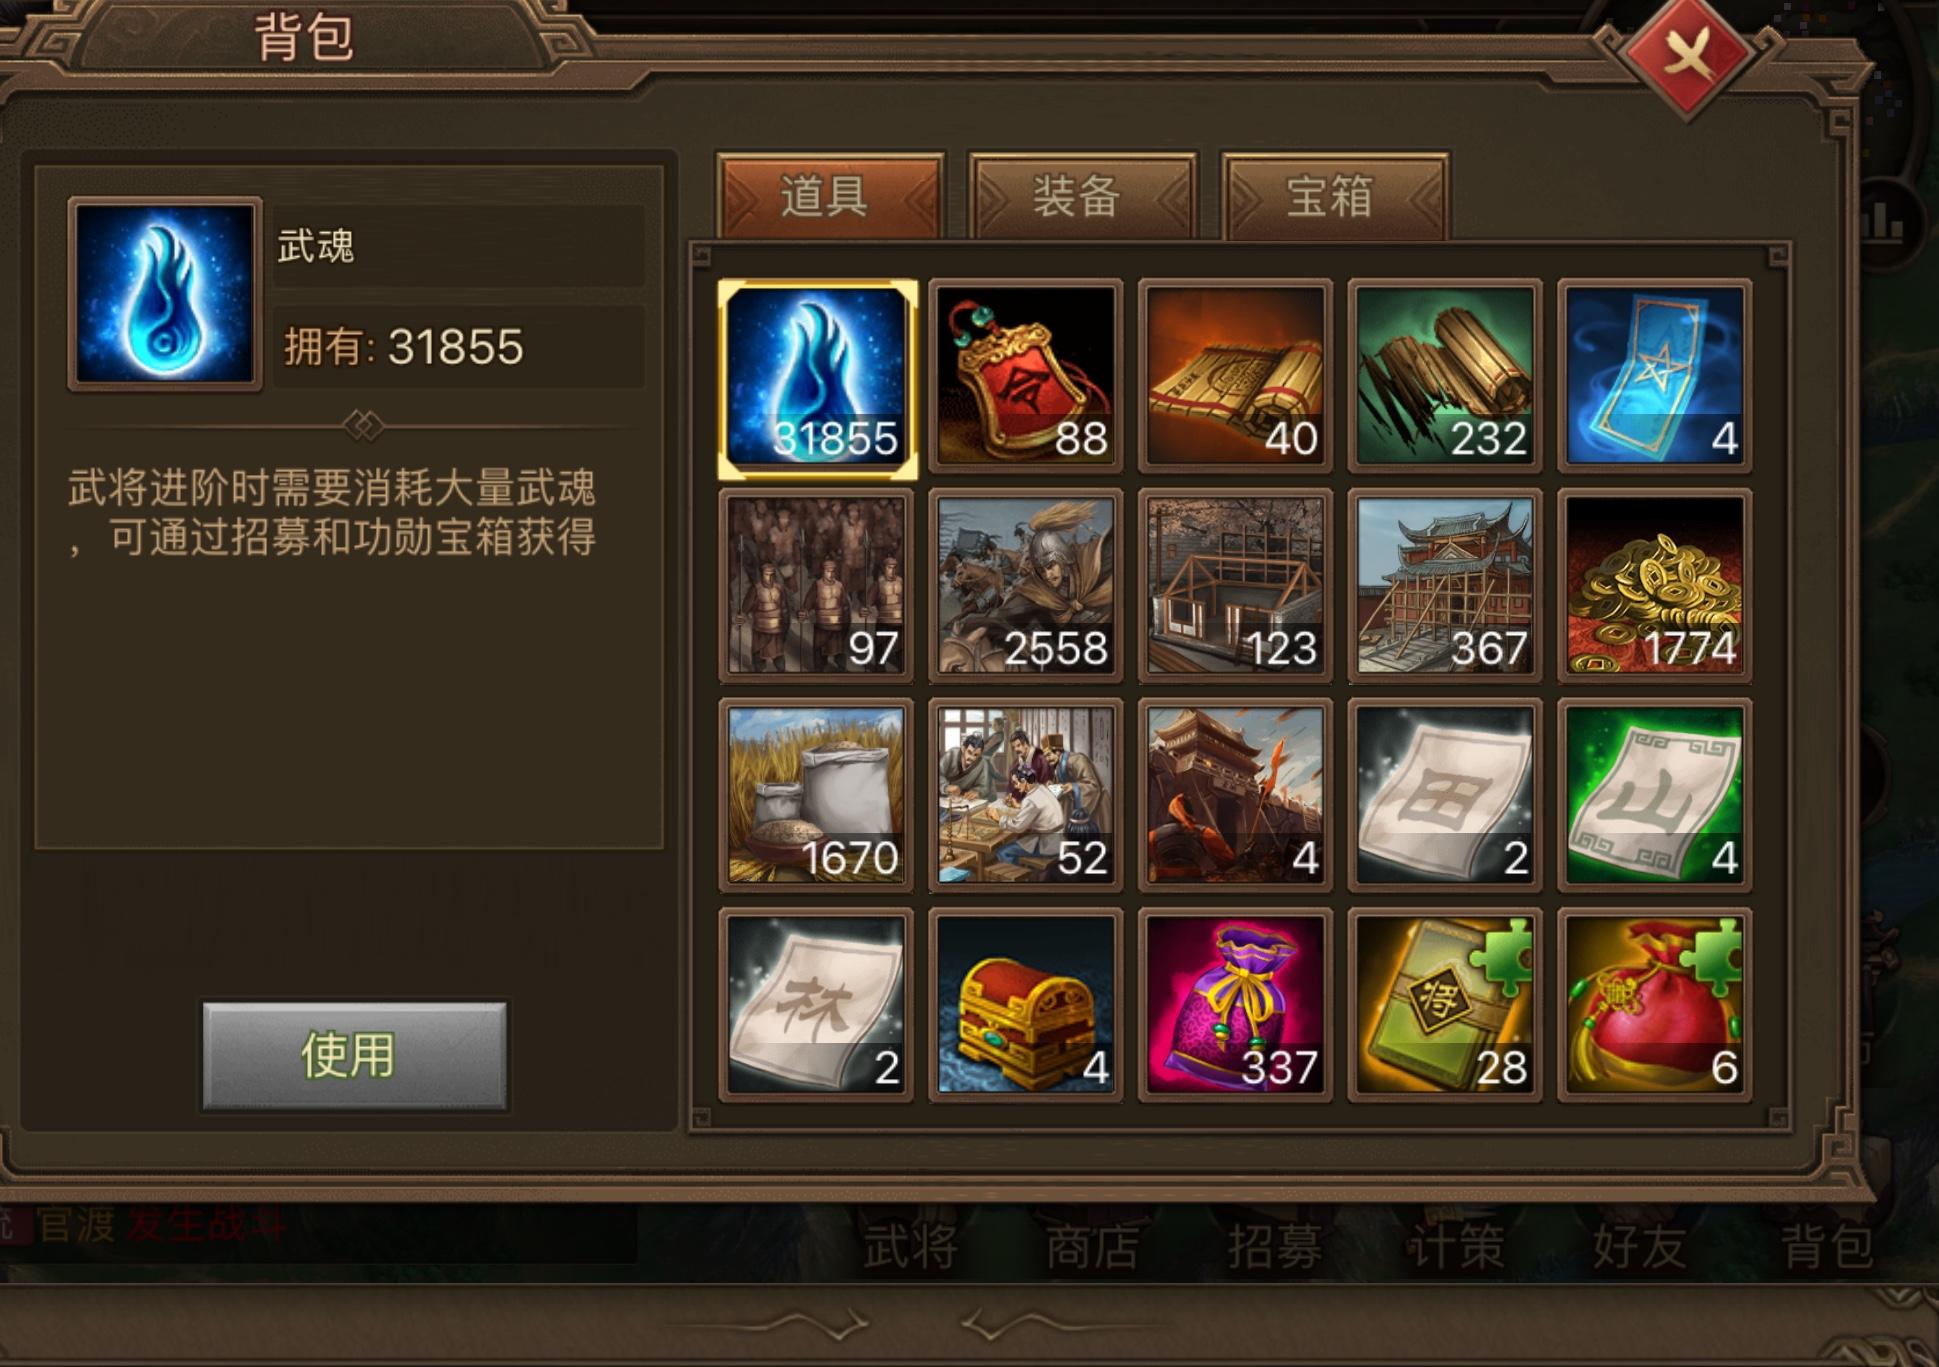 2C7B5339-F918-4BAA-A7BC-54B0960F5110.jpeg